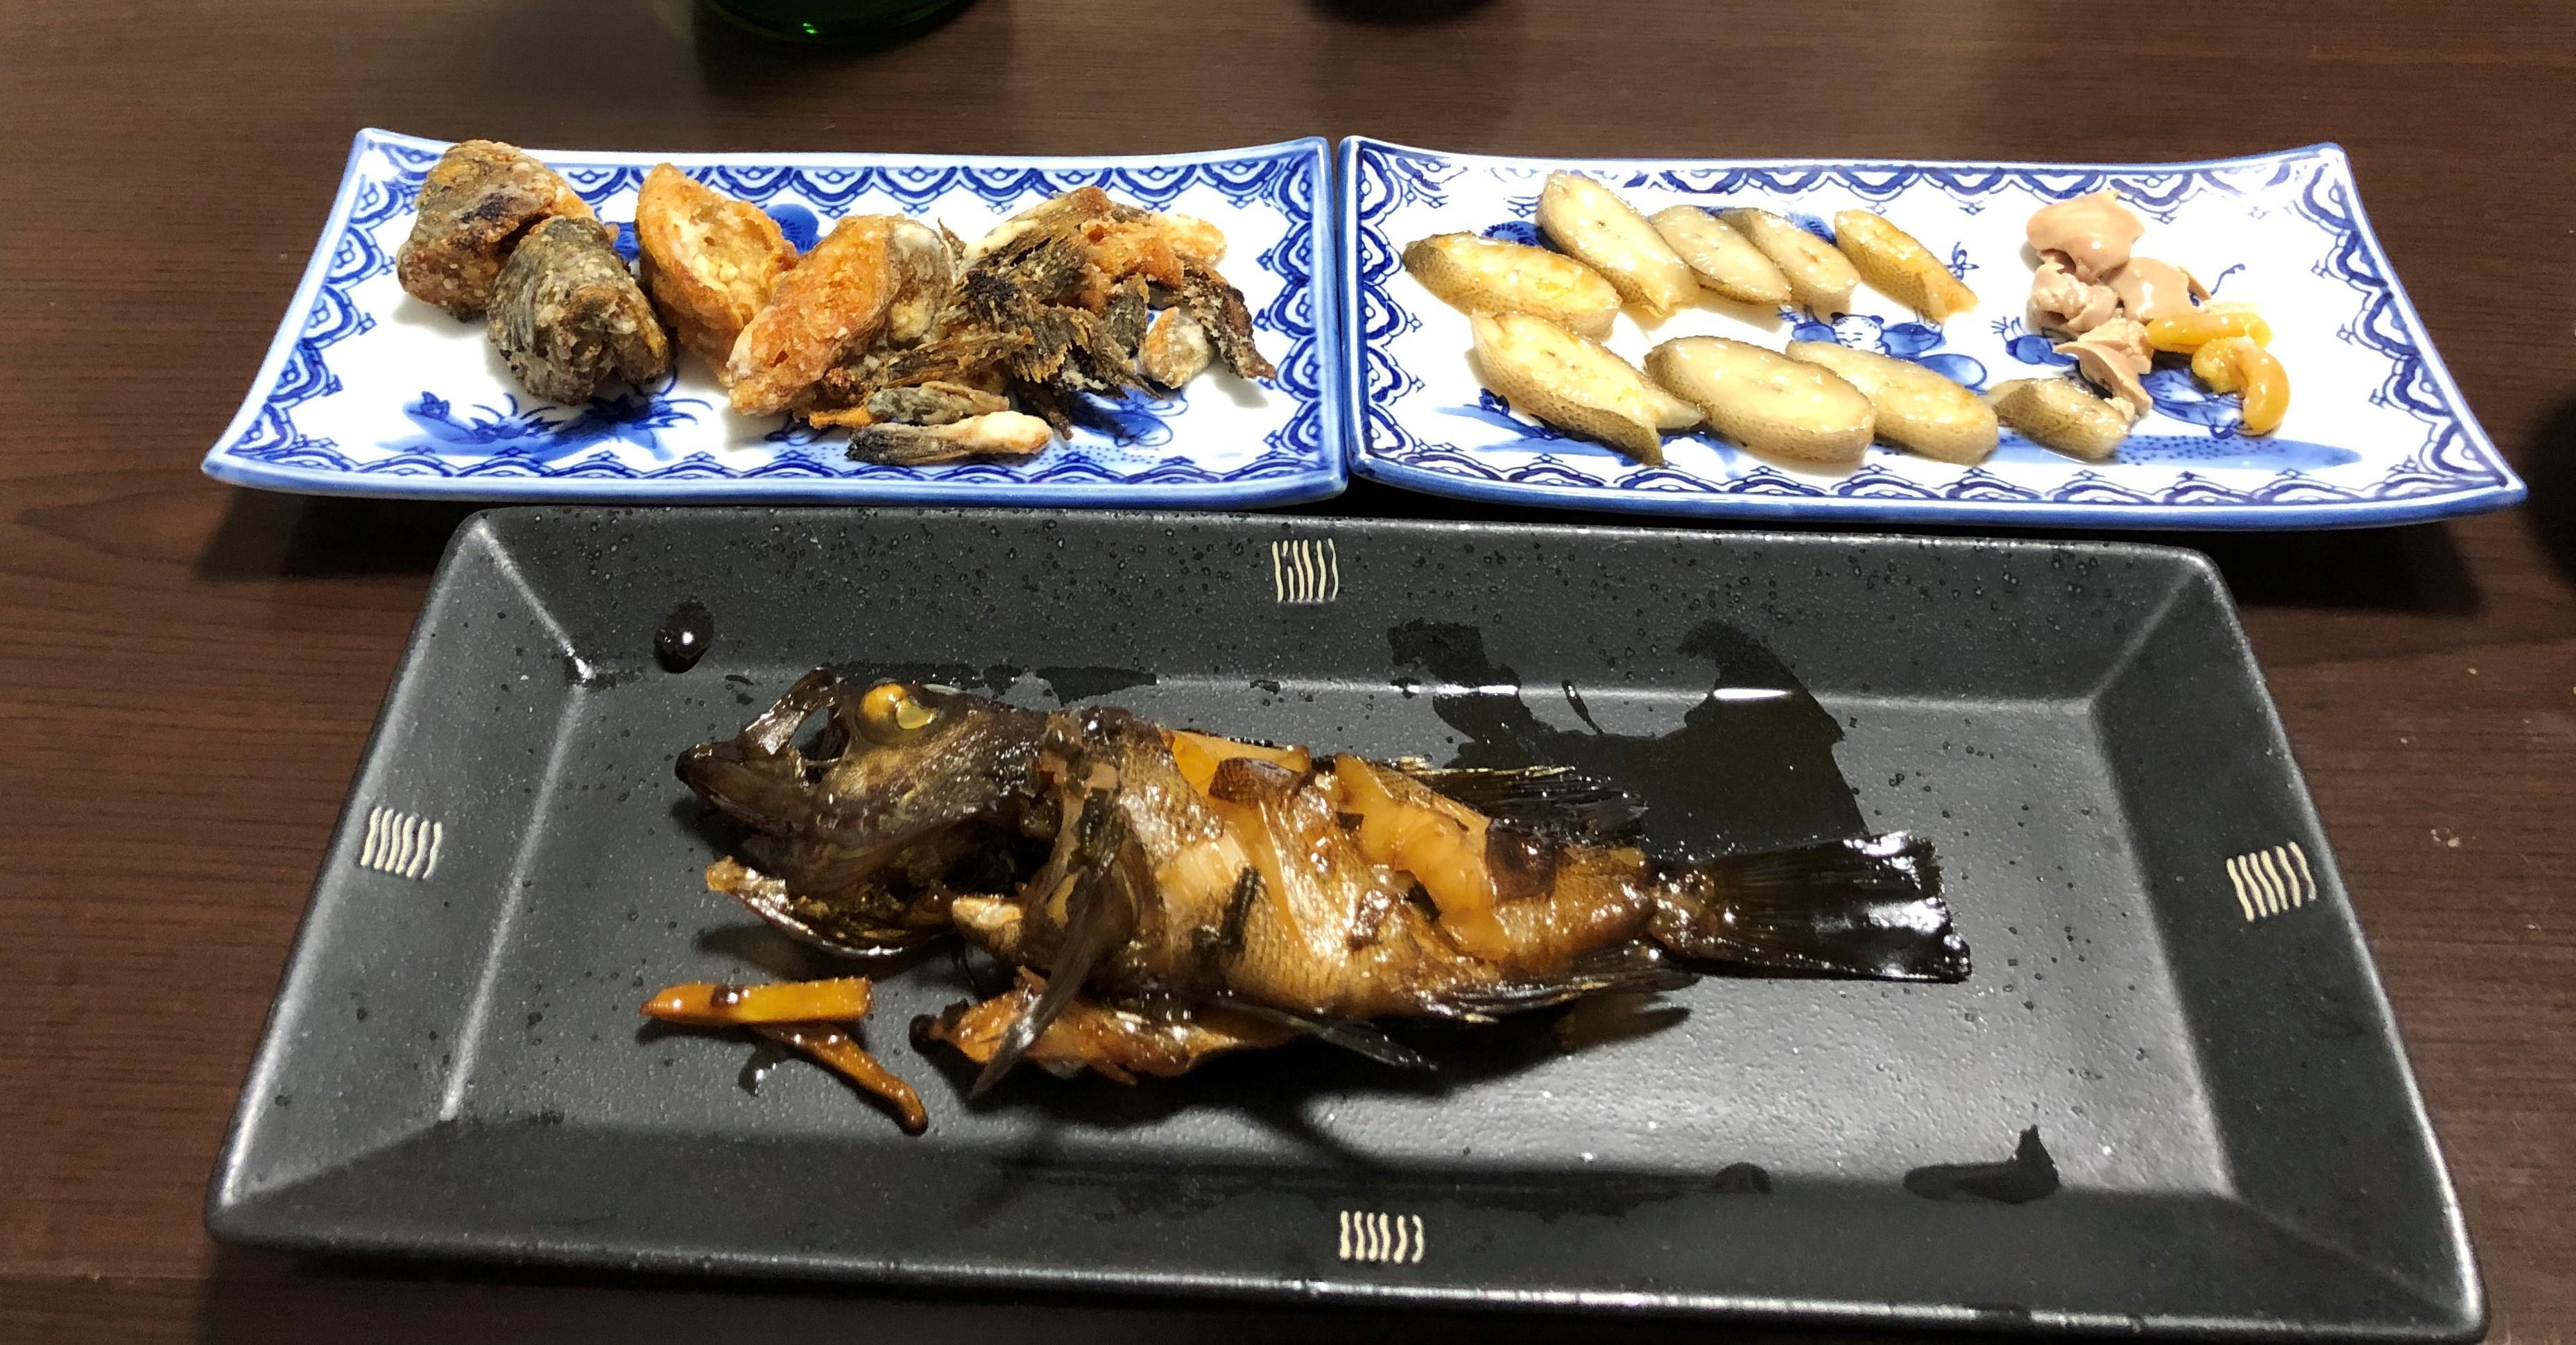 料理後 背越し・唐揚げ・煮つけ  内臓以外捨てる箇所なし。味もよしでした。